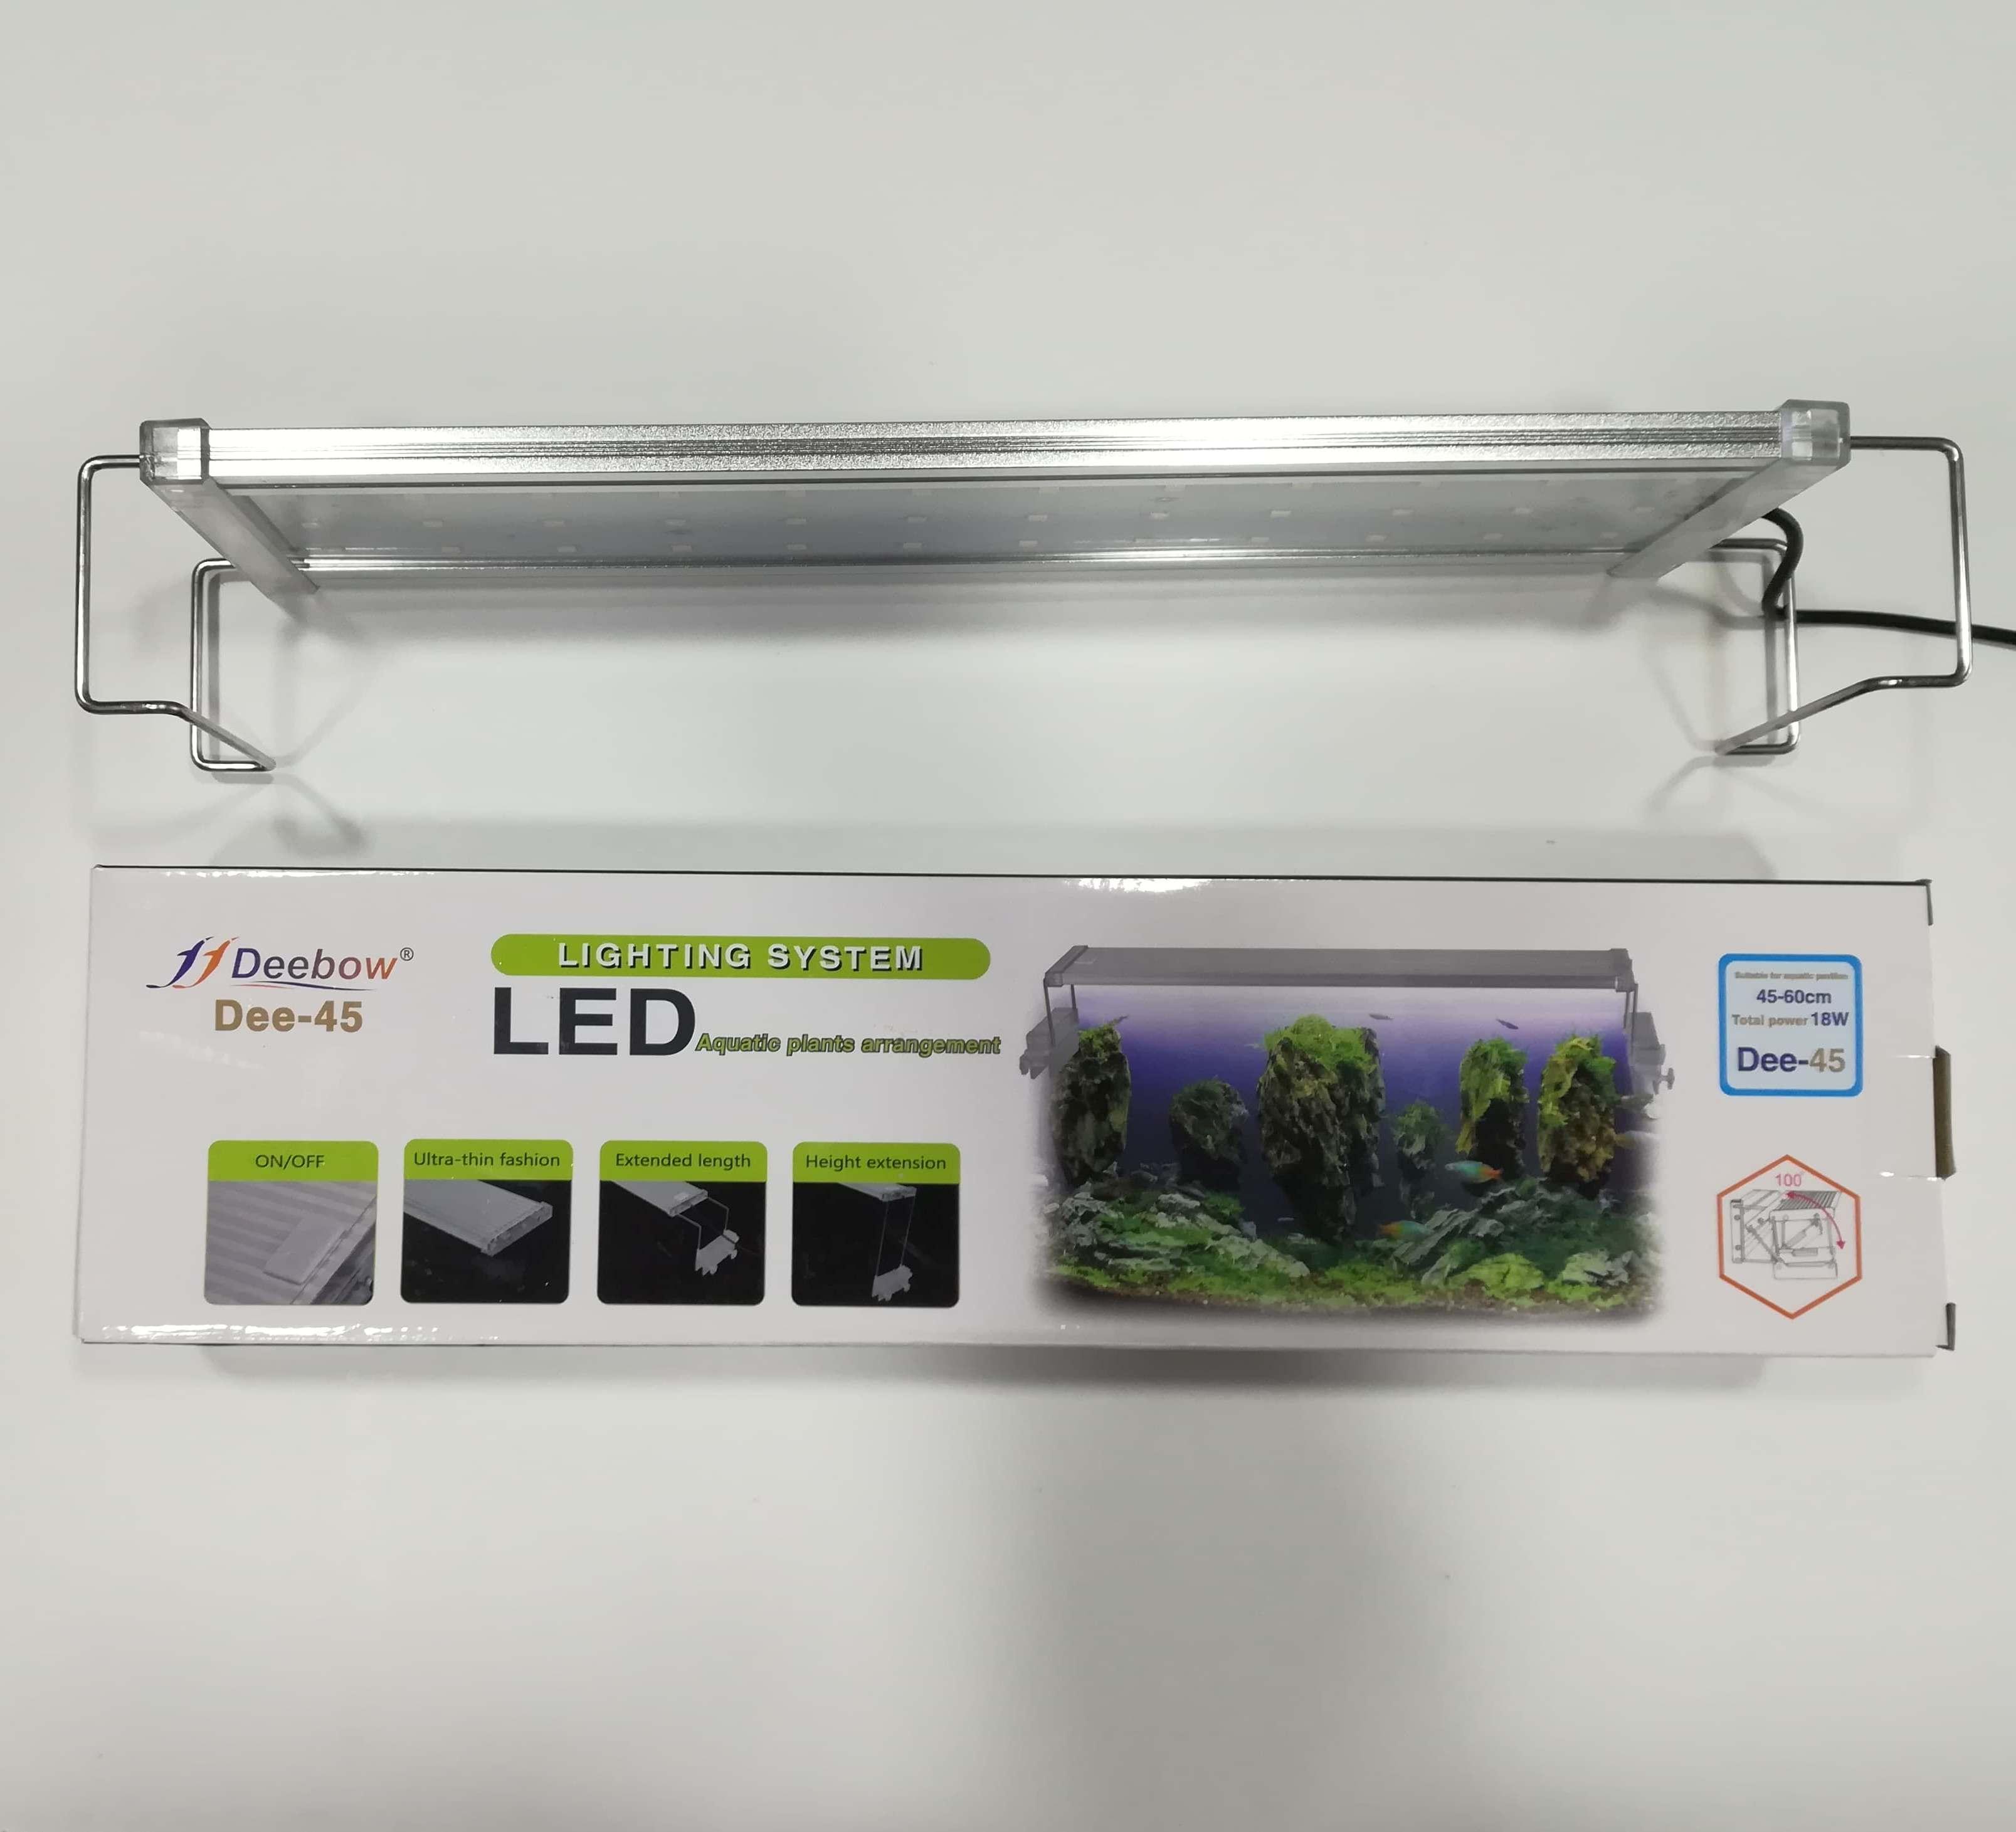 Φωτιστικό LED Deebow Dee-45